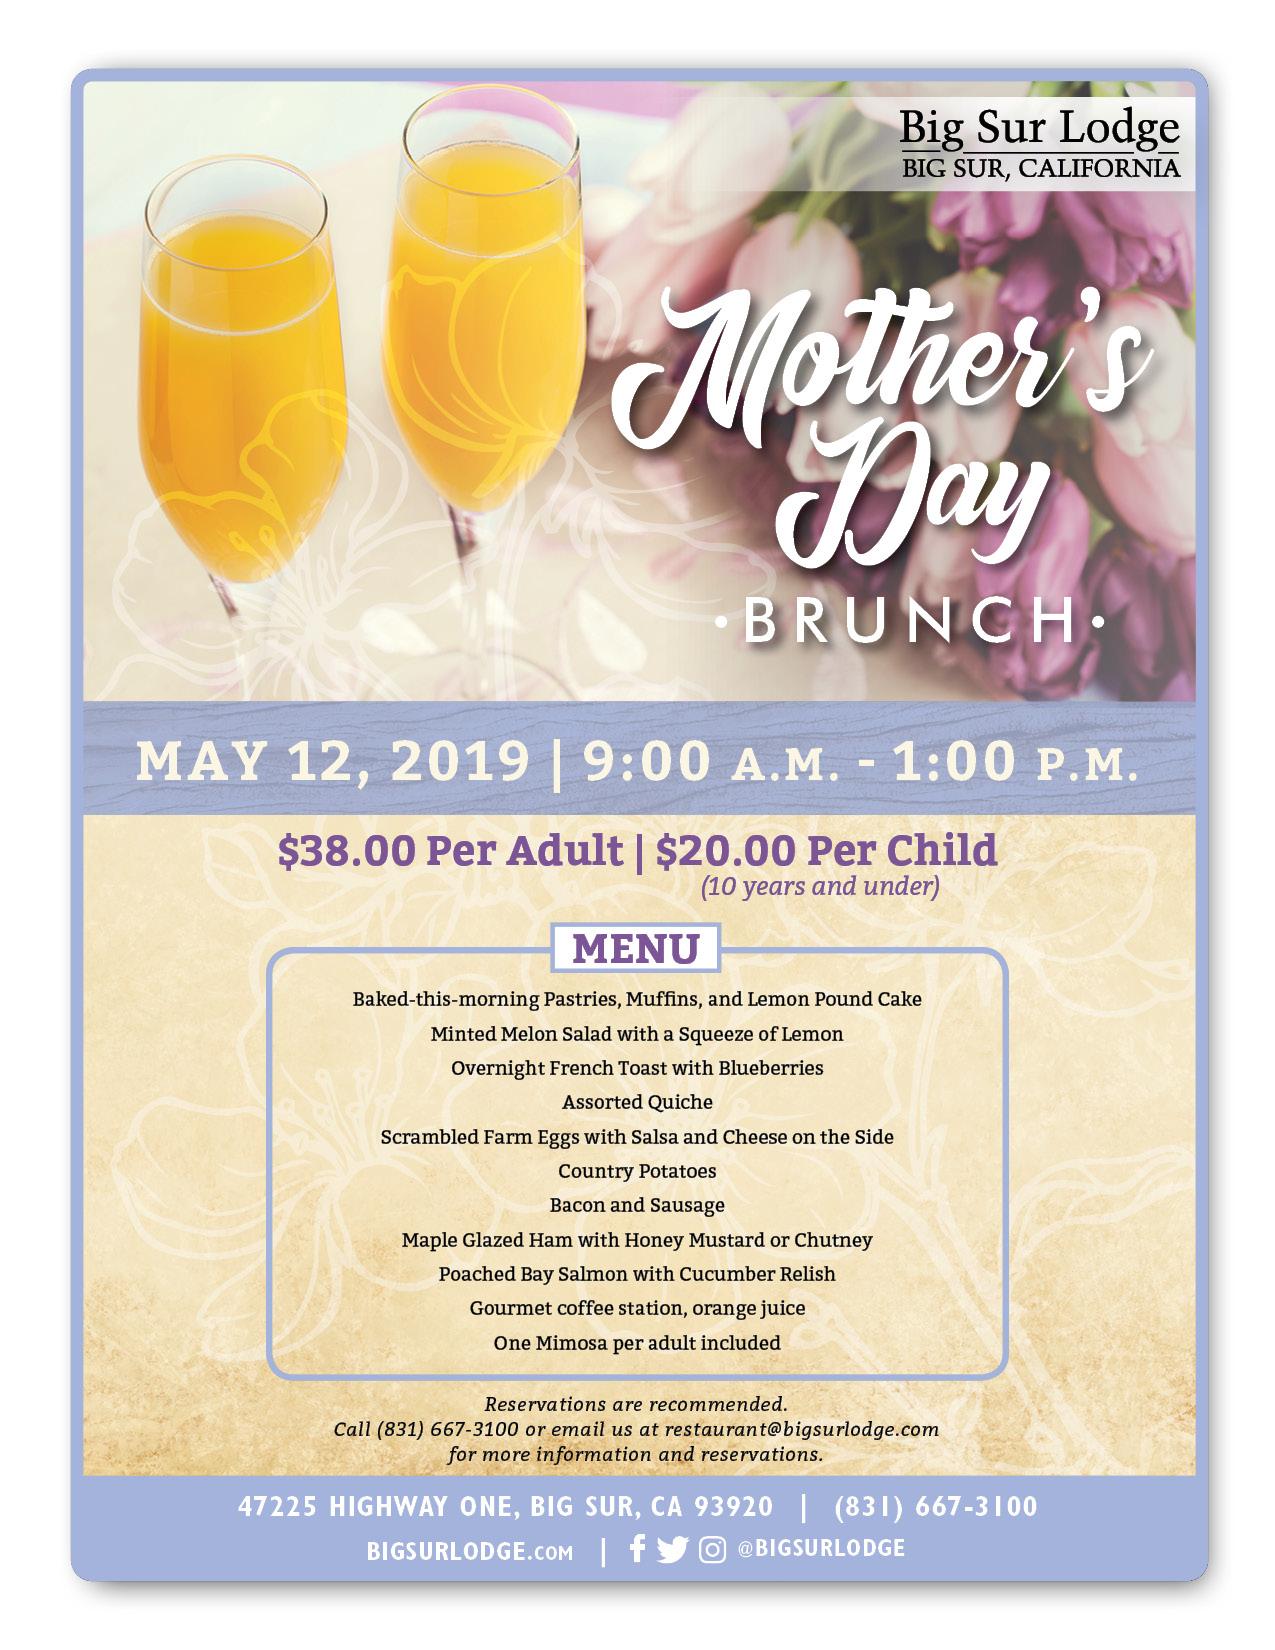 Mother's Day Brunch at Big Sur Lodge